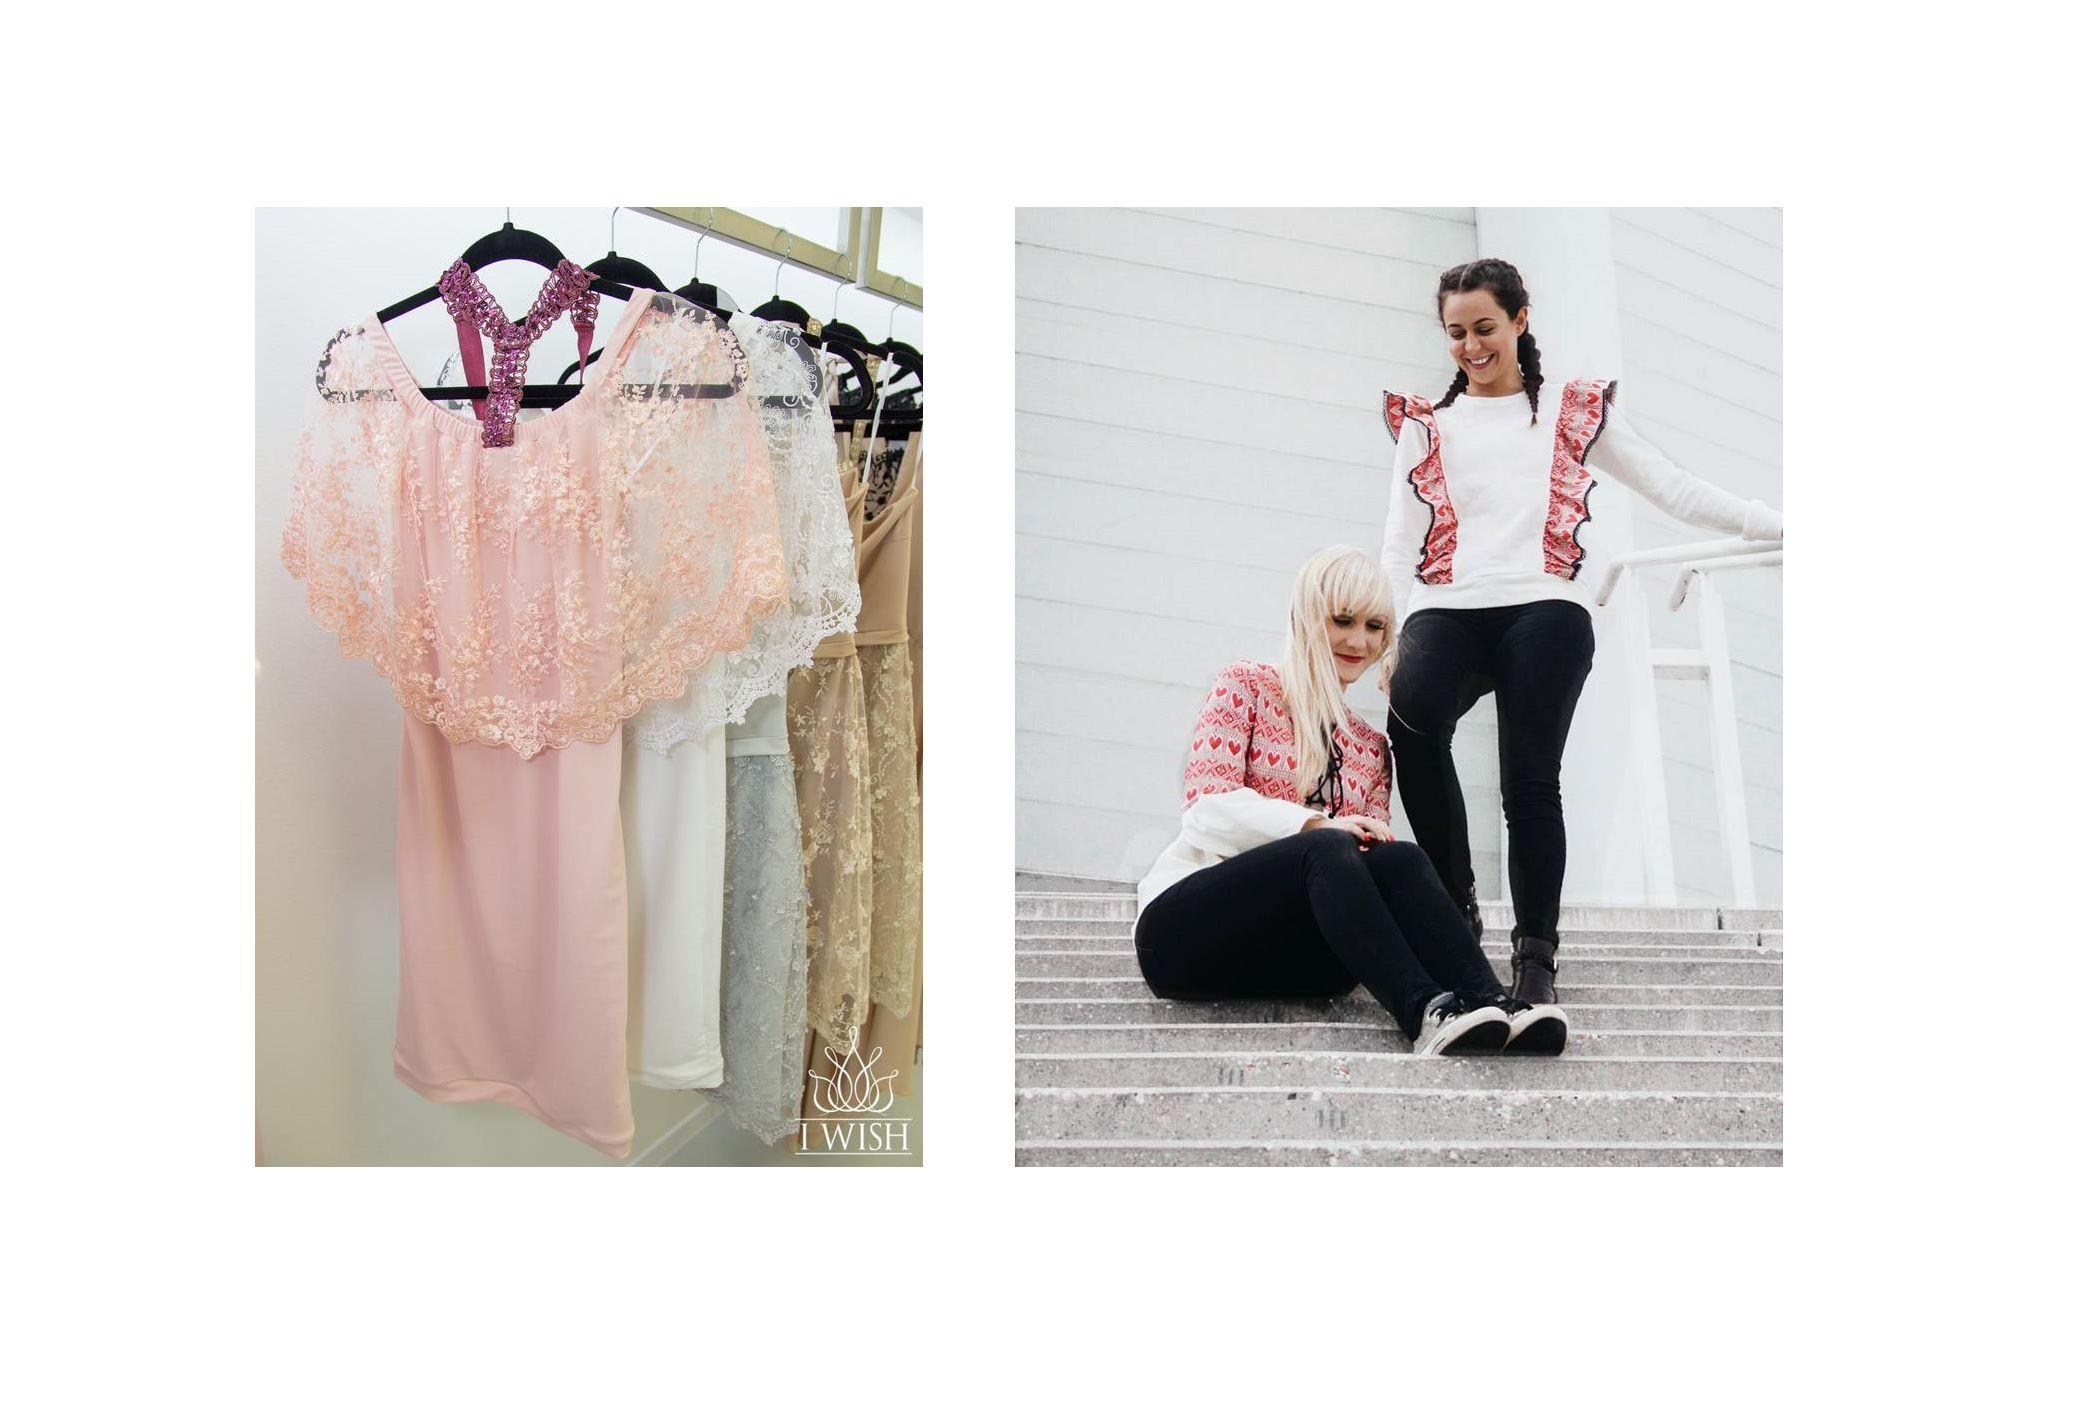 (Ne)poznata moda na hrvatski način: I Wish Couture & Salut dizajn